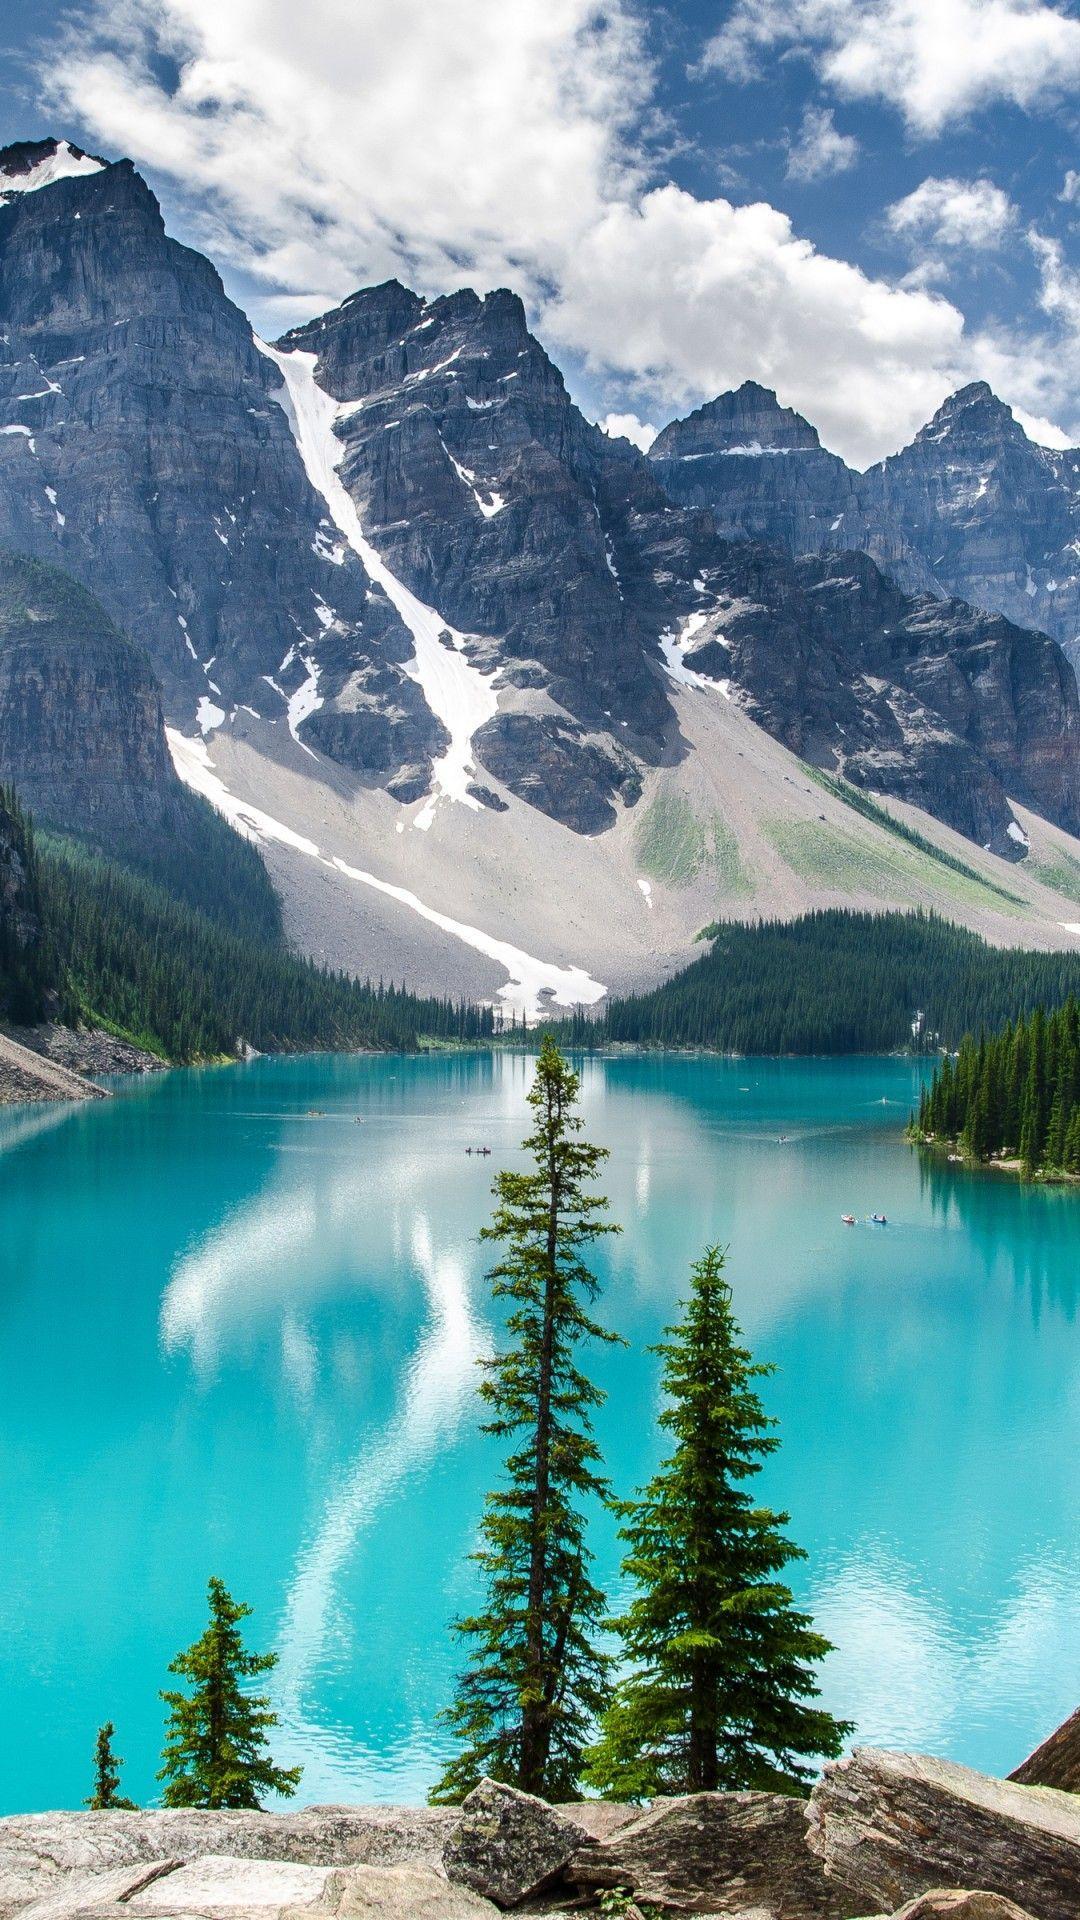 Lake iPhone Wallpapers - Top Free Lake